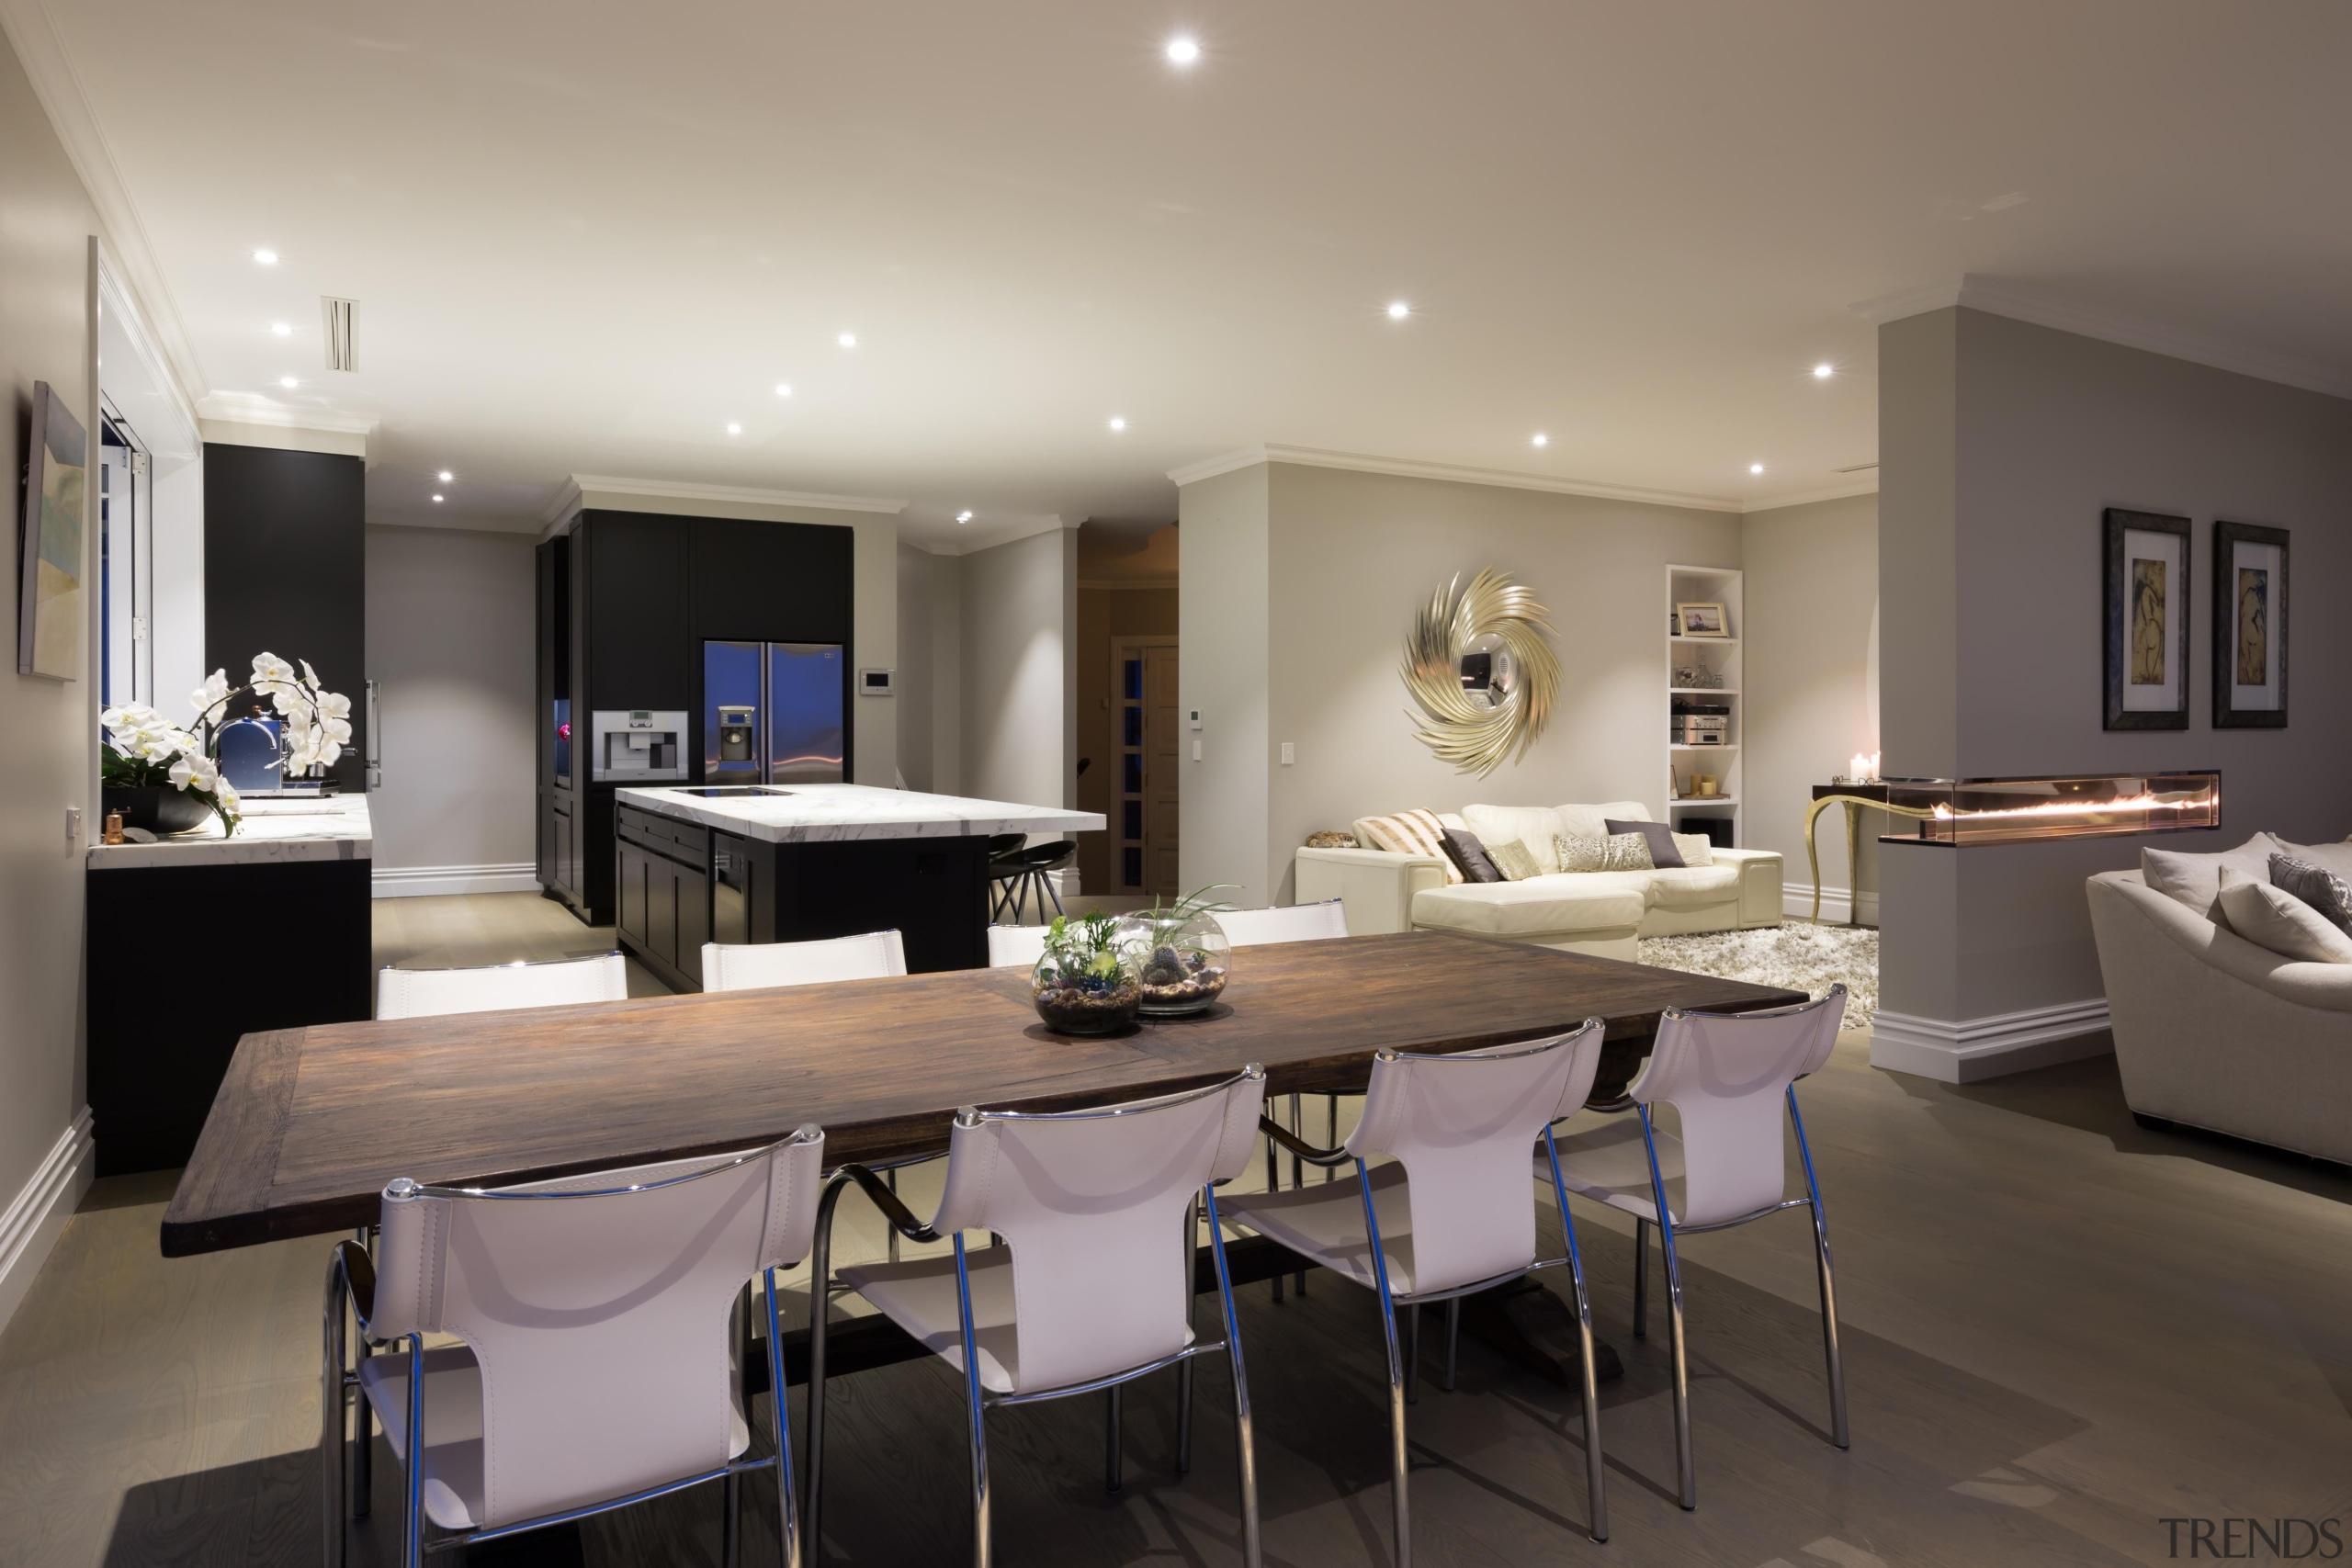 Img9016 - dining room   interior design   dining room, interior design, living room, real estate, room, gray, black